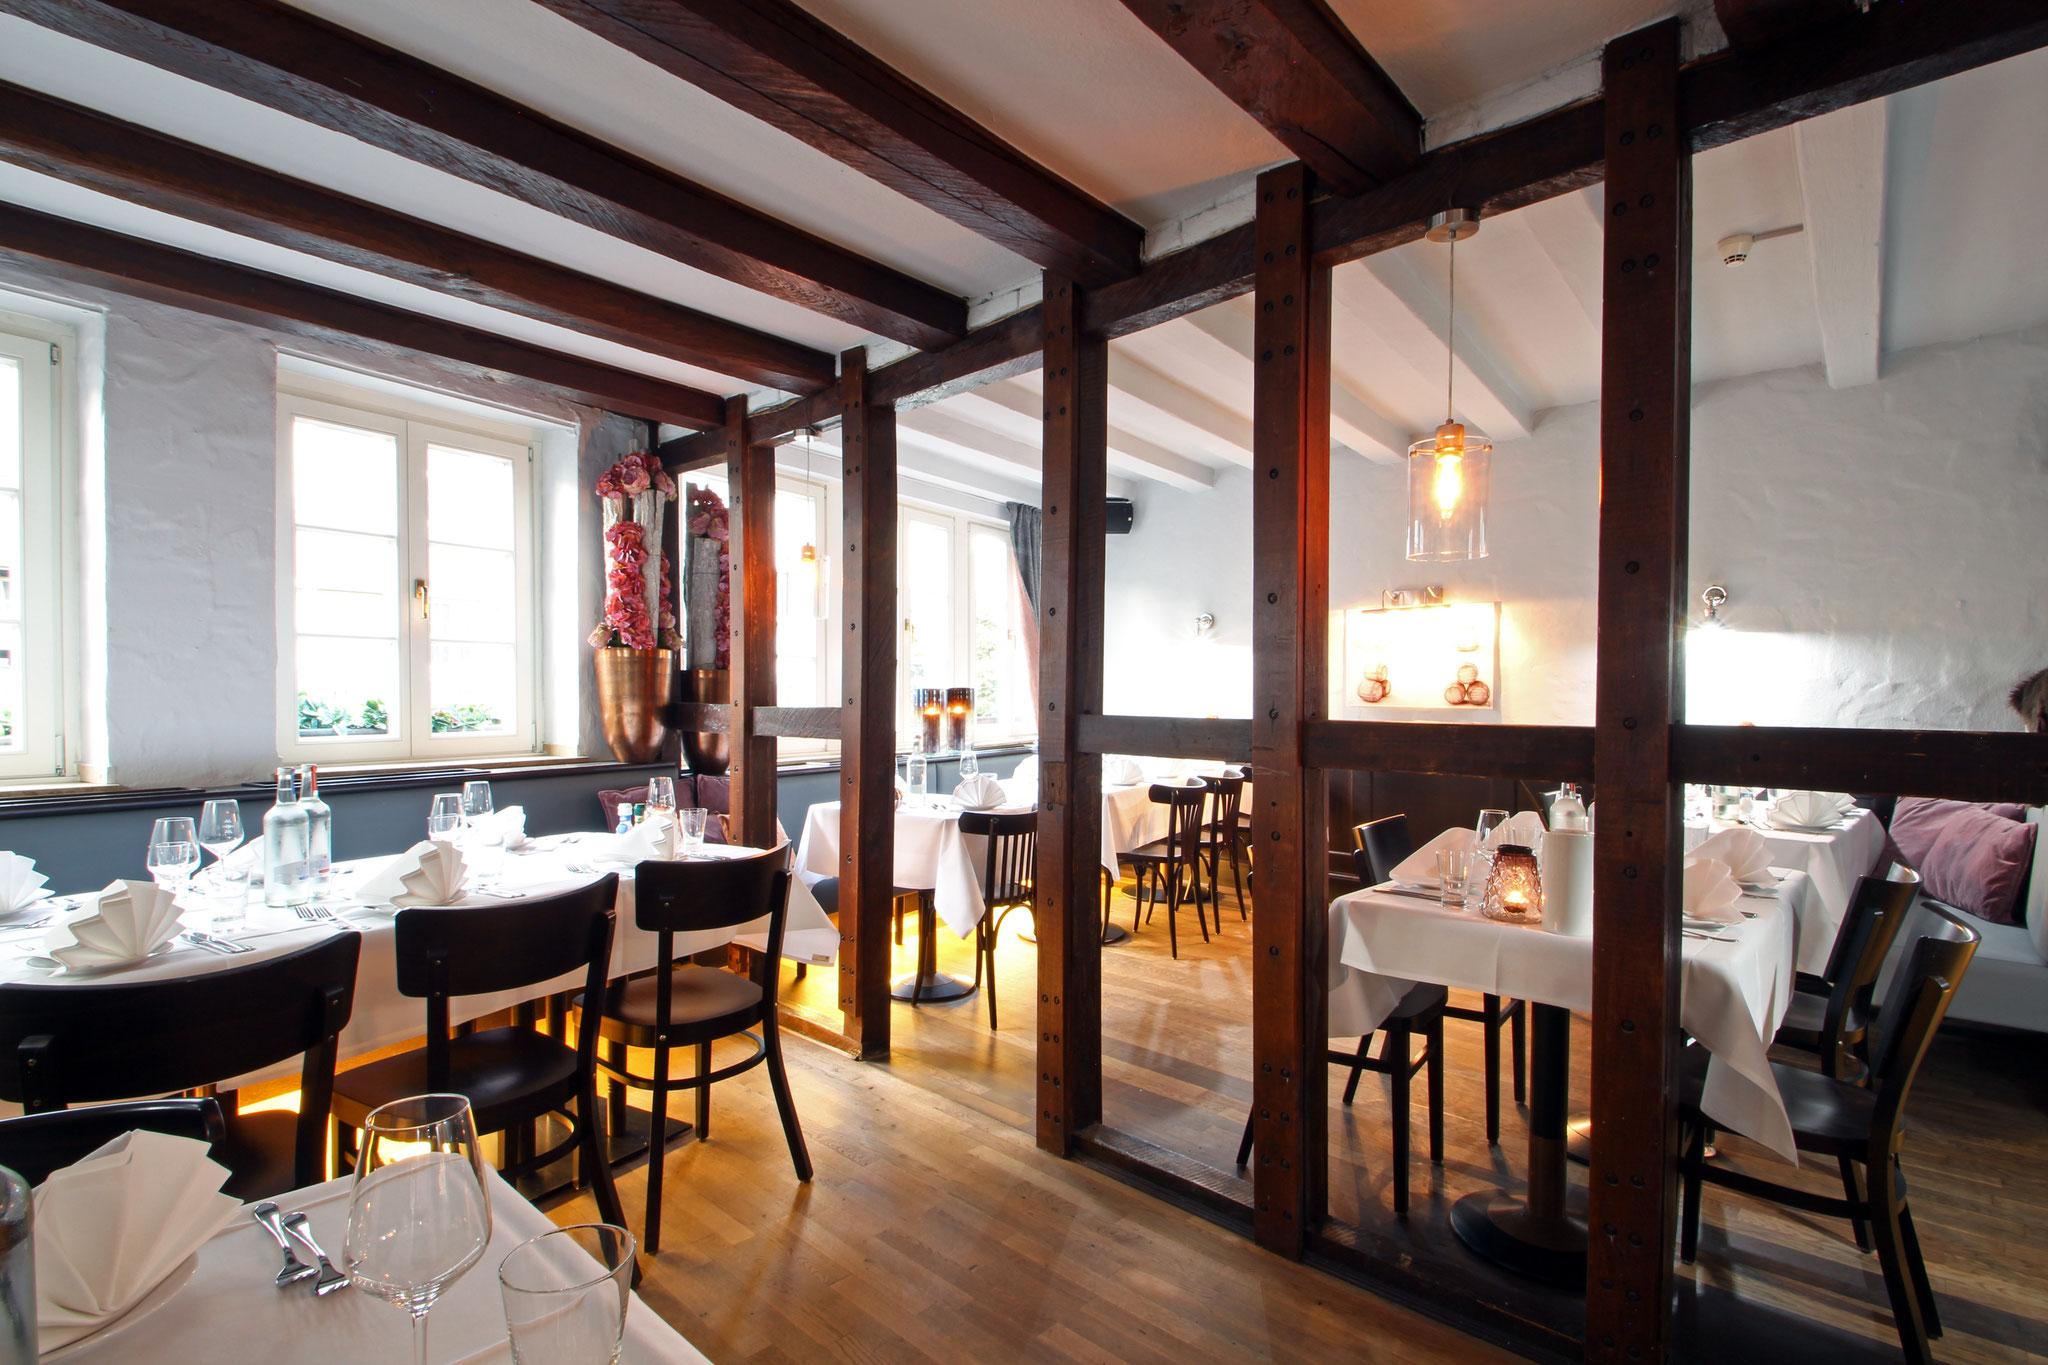 Willkommen im - Brauhaus zum goldenen Handwerk - Düsseldorf